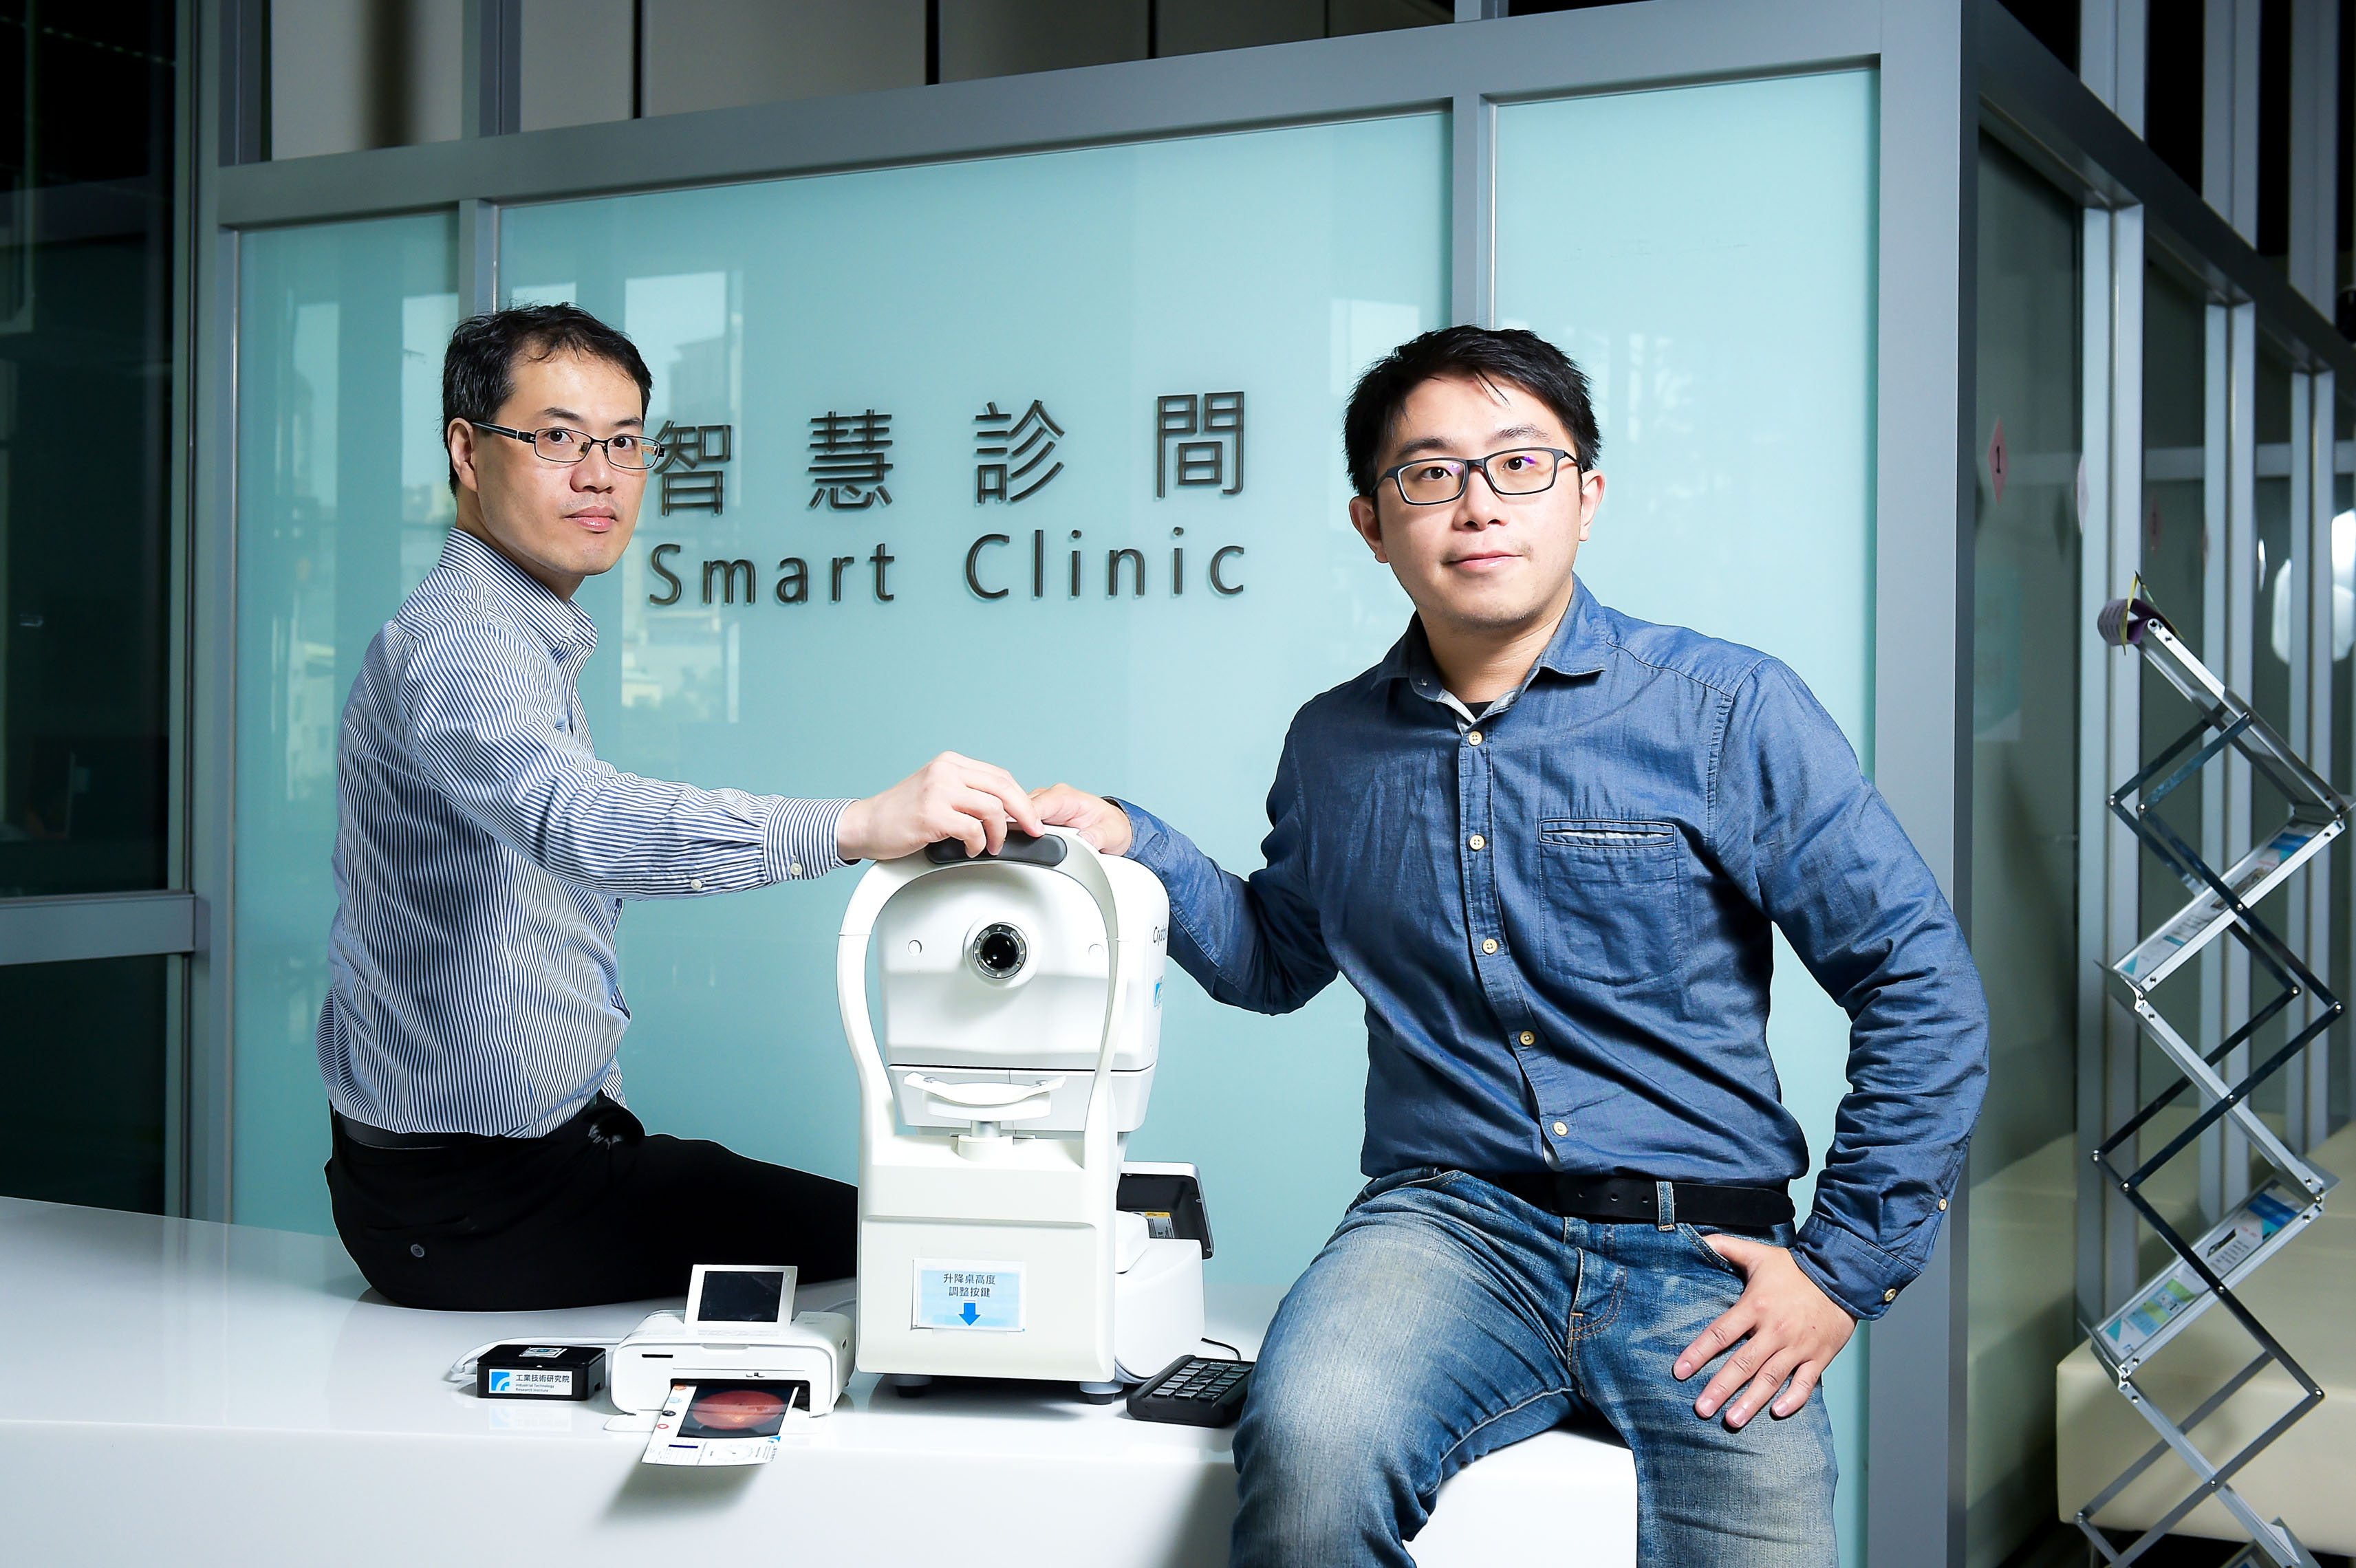 工研院開發出「自助式眼底檢查EyeATM」,提供全程自動化的自助式眼底攝影服務,並特別設計小型集成電腦(右圖小盒子),將判別圖像病變模型儲存其中,協助偏鄉醫療。